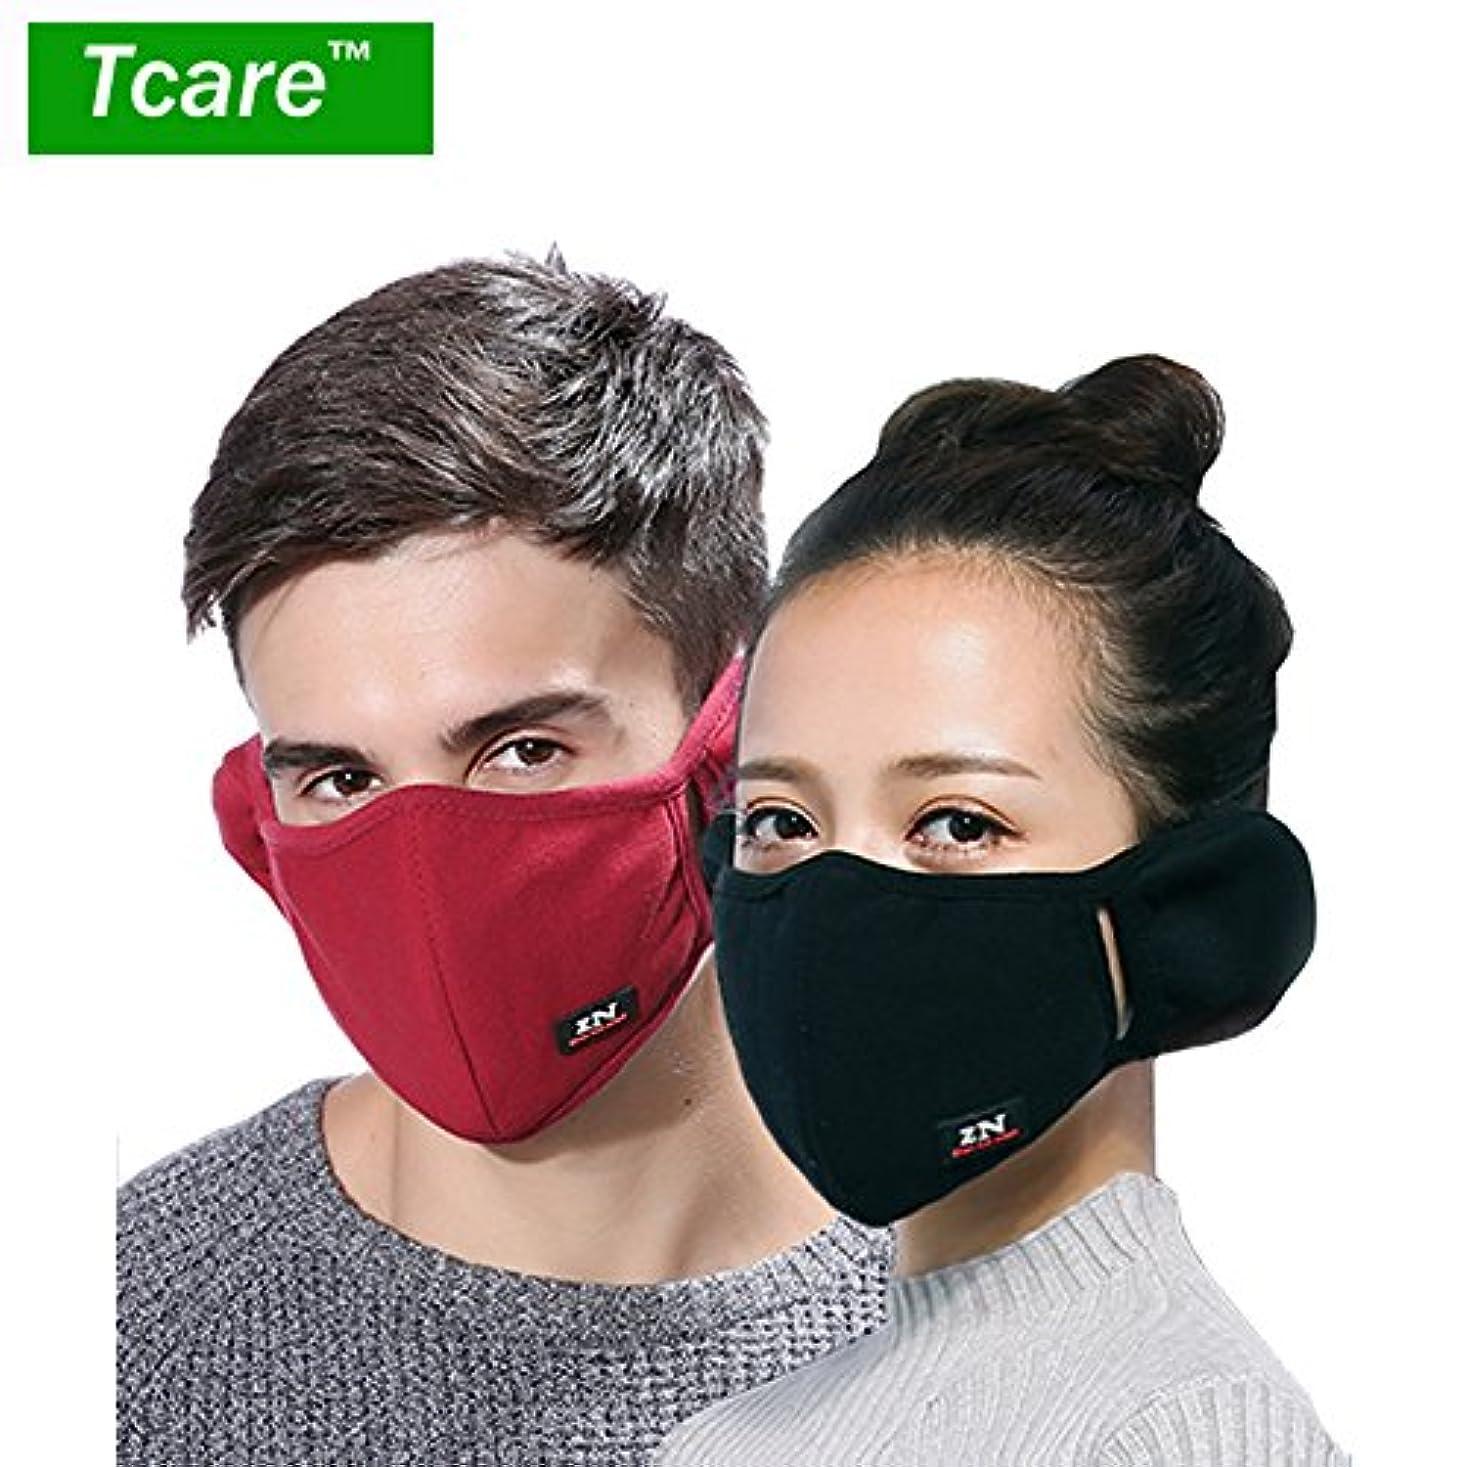 秘密のモスクワイヤー男性女性の少年少女のためのTcare呼吸器2レイヤピュアコットン保護フィルター挿入口:10紺